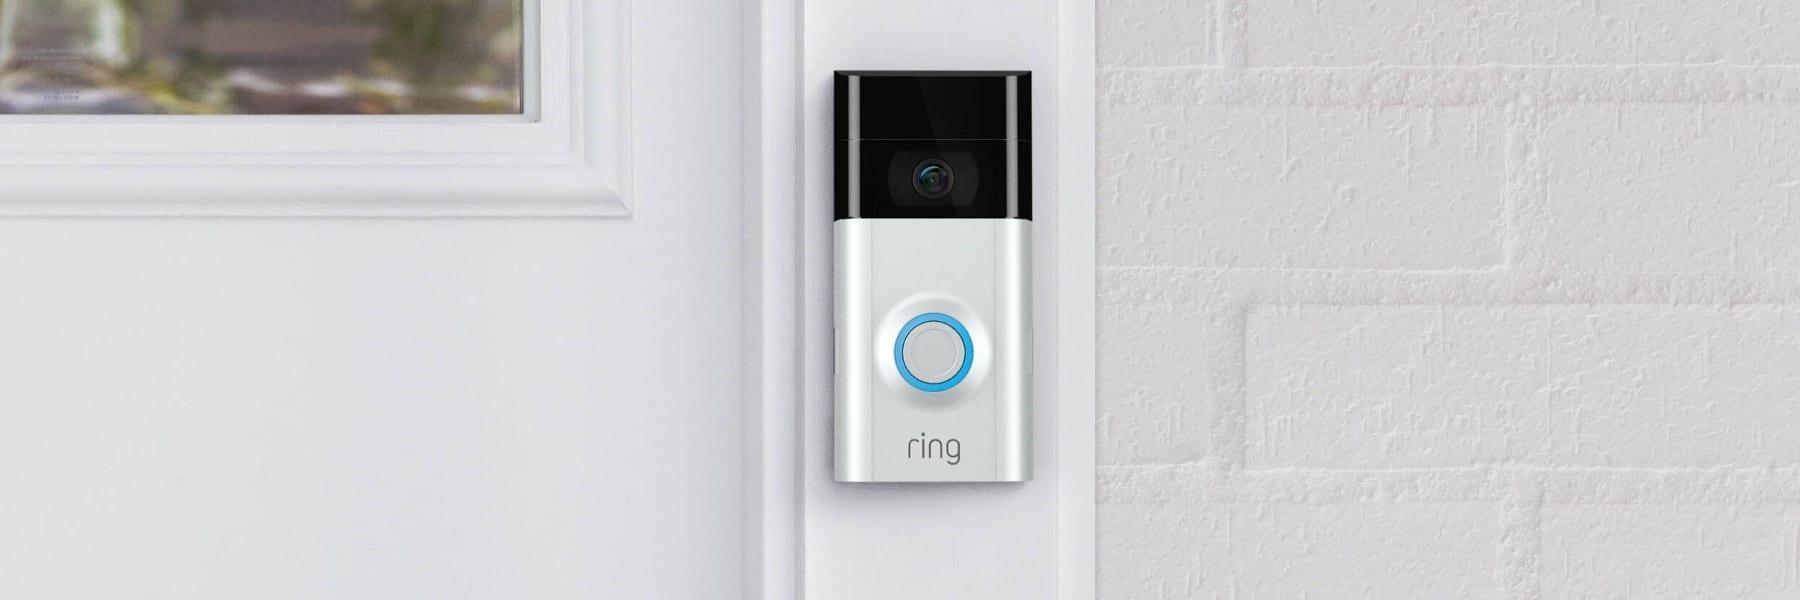 Übernahme: Amazon kauft Video-Türklingel-Hersteller Ring